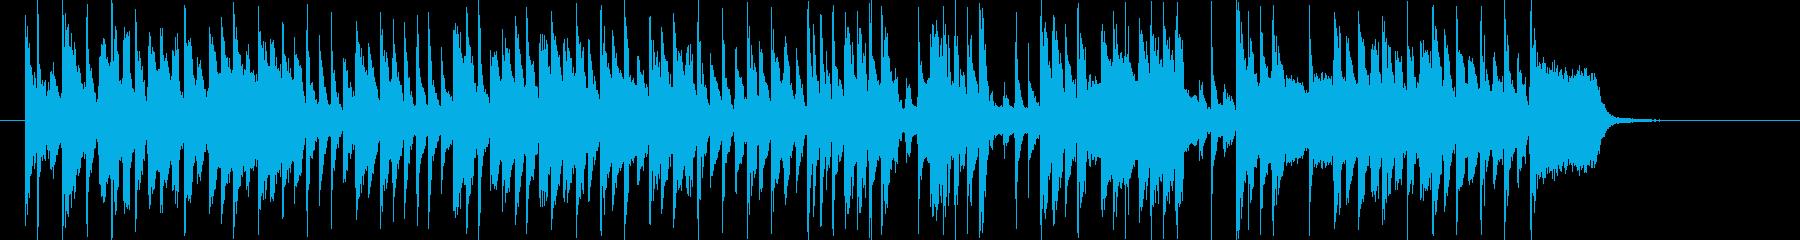 明るくて和やかな音楽の再生済みの波形